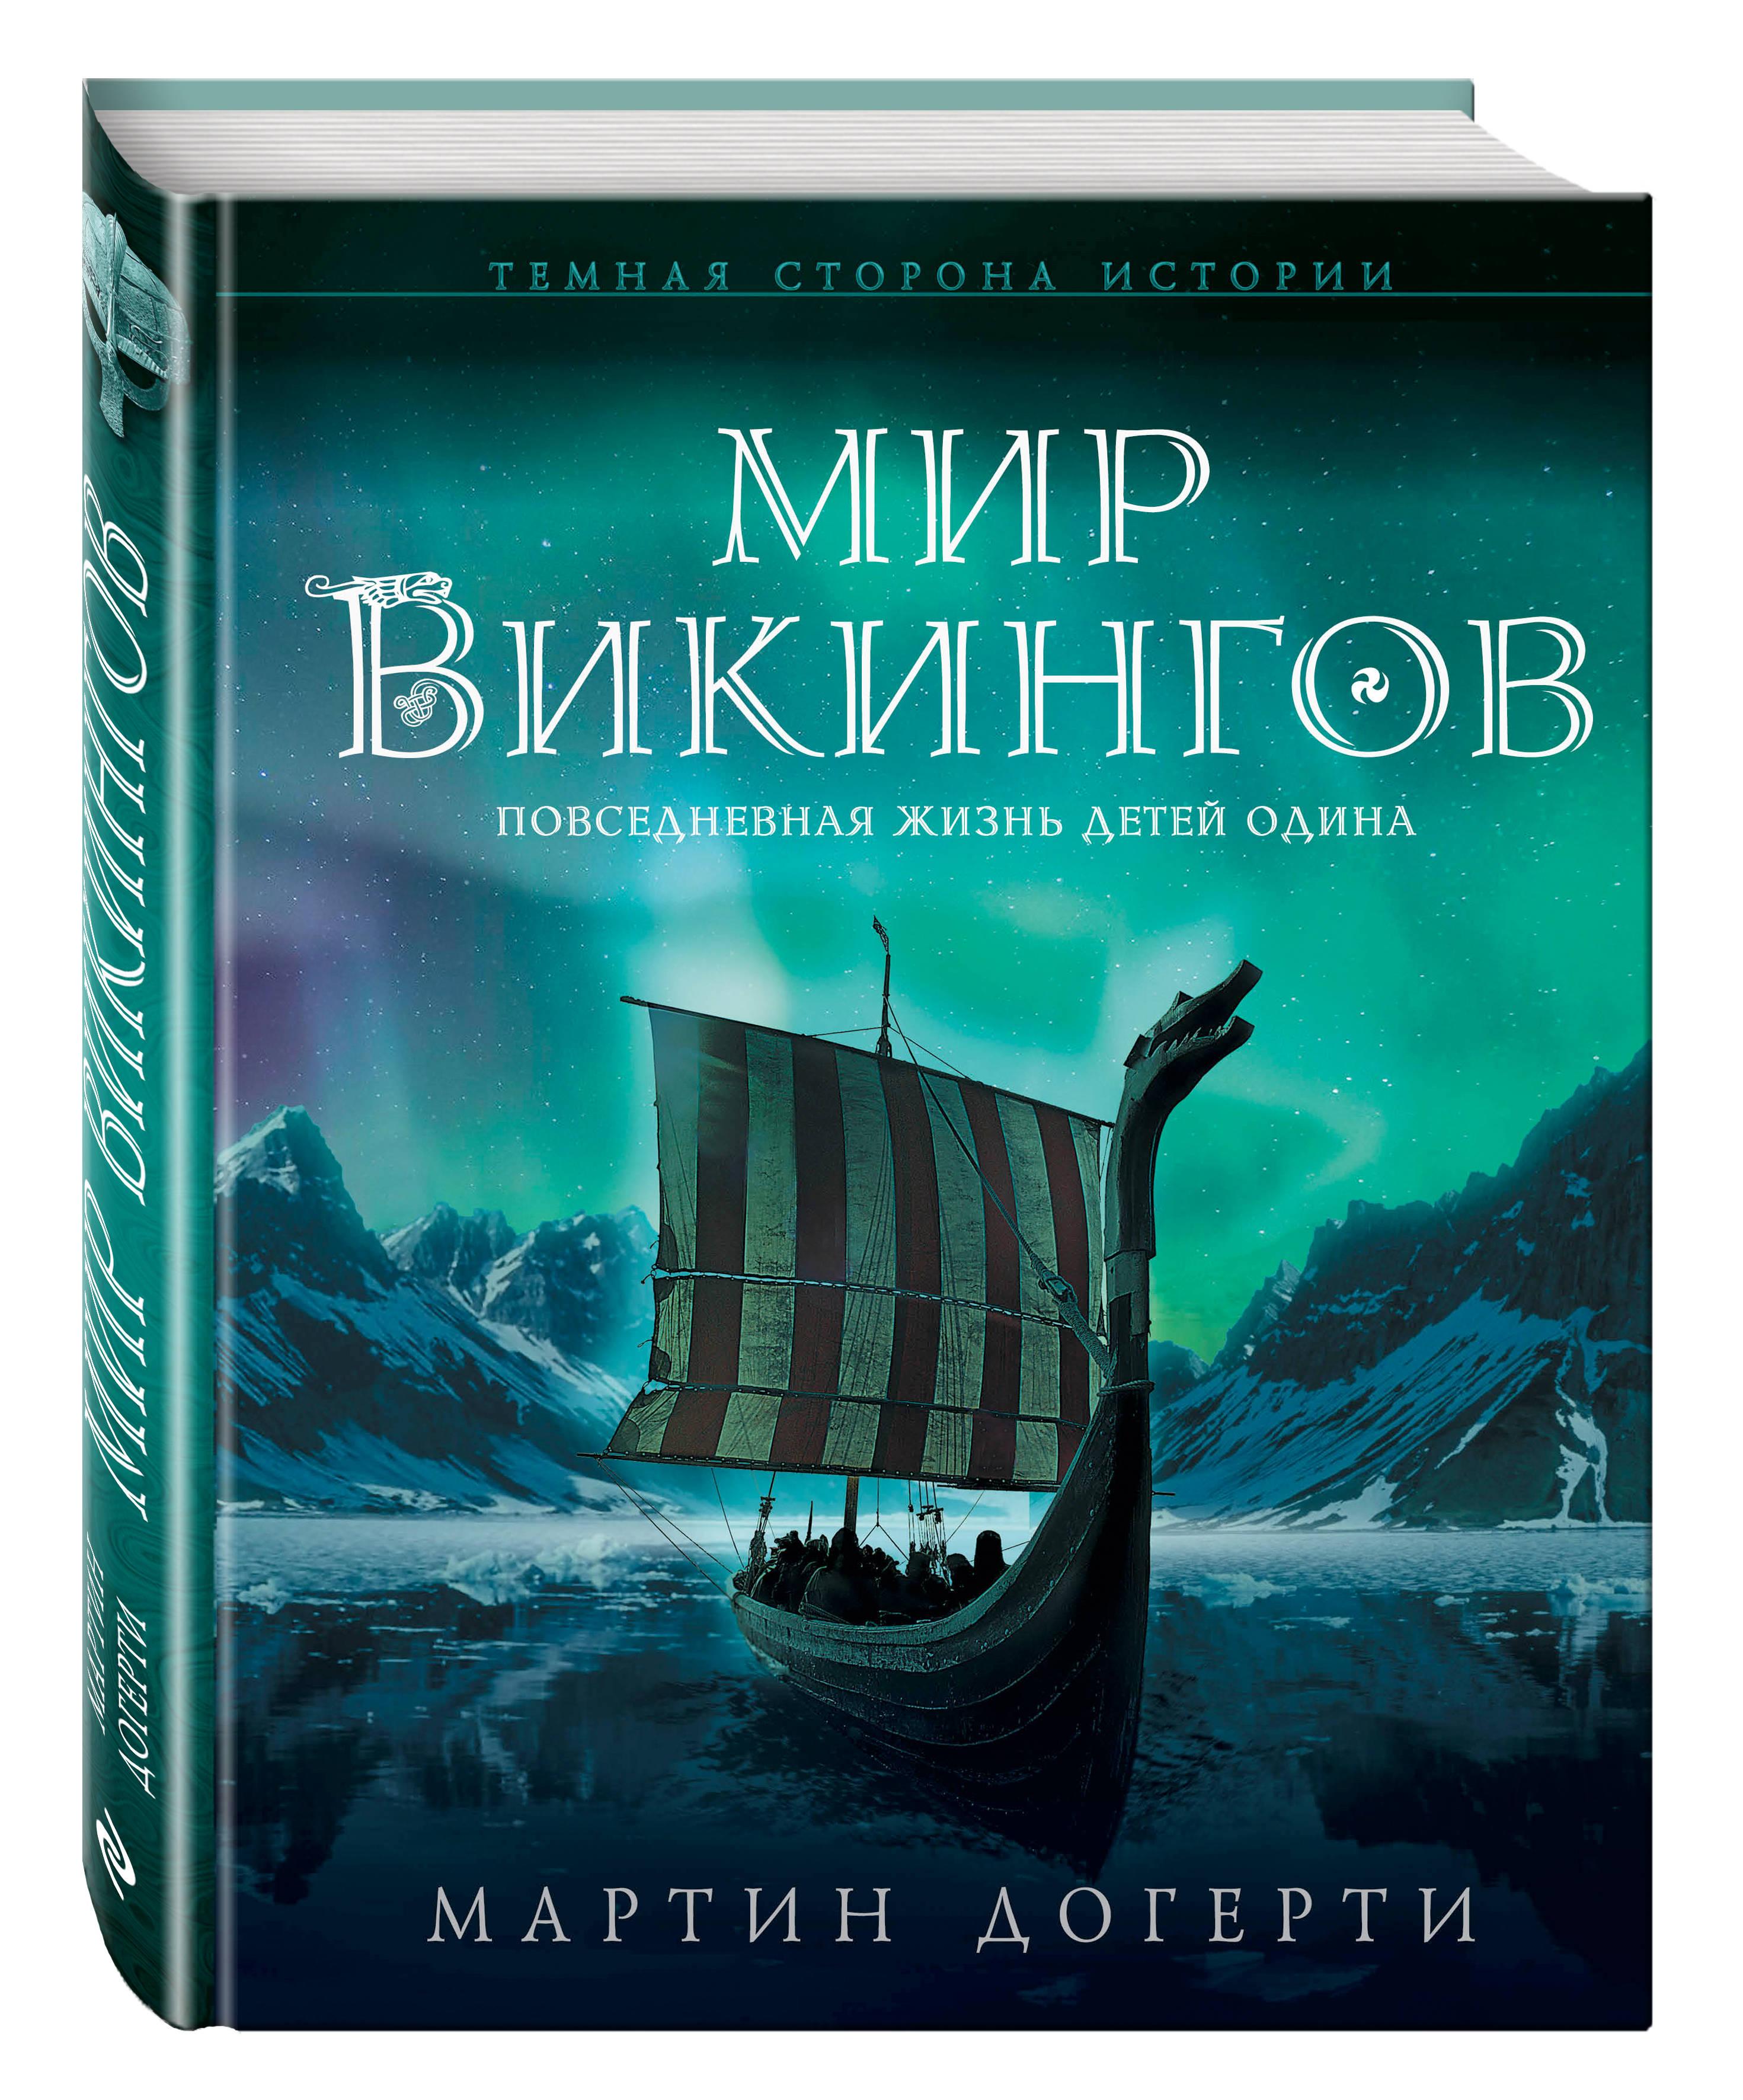 Мартин Догерти Мир викингов. Повседневная жизнь Детей Одина хейвуд джон люди севера история викингов 793 1241